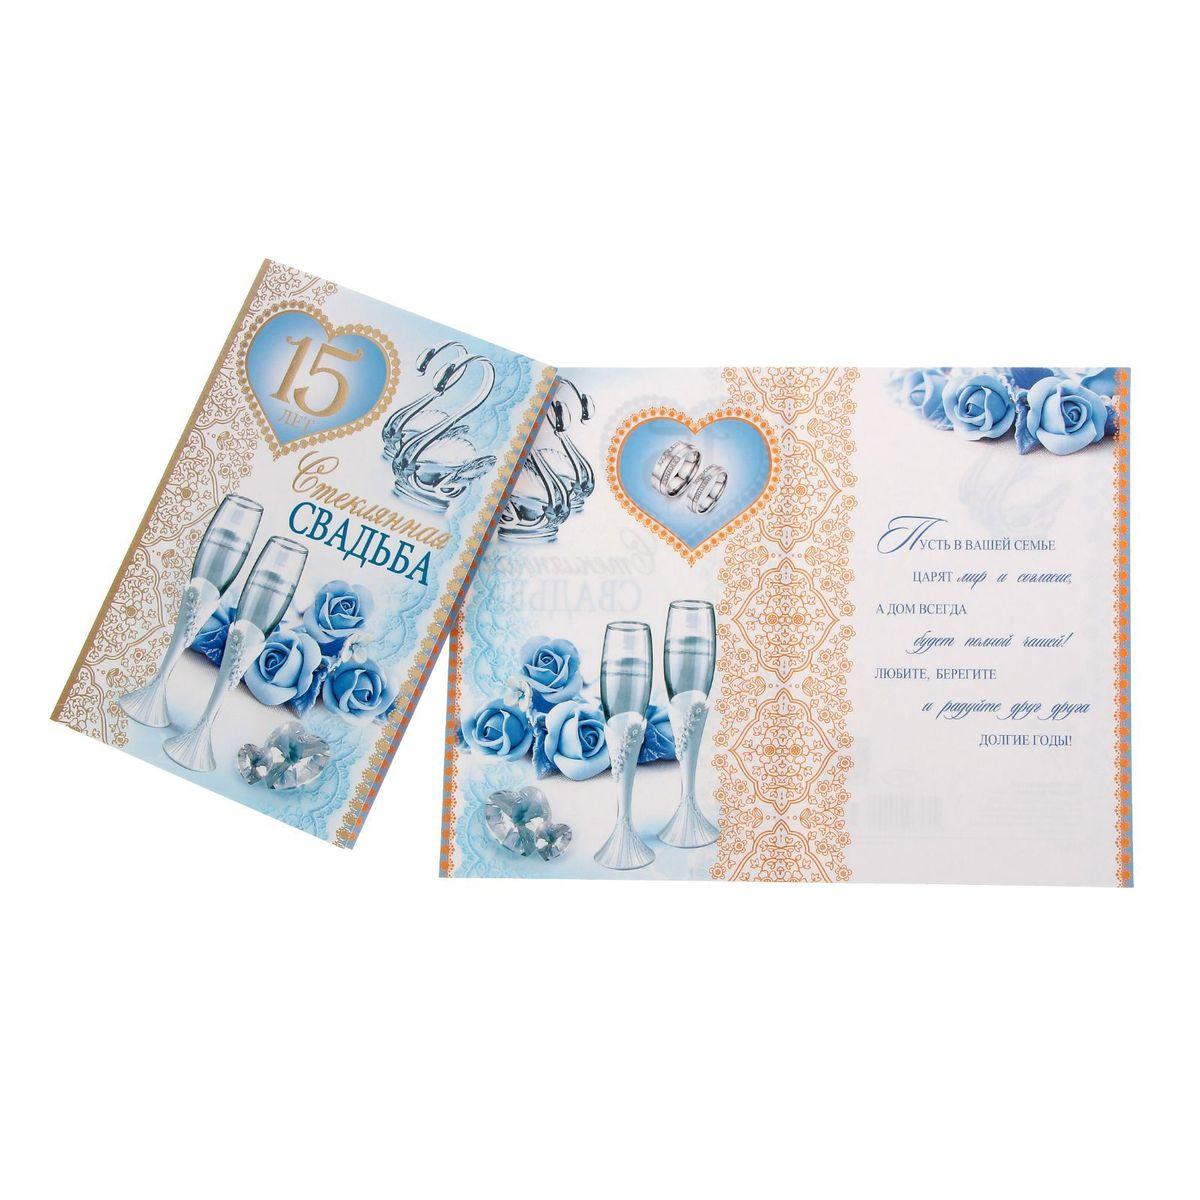 Открытка Русский дизайн Стеклянная свадьба! Лебеди, А51220377Если вы хотите порадовать себя или близких, создать праздничное настроение и с улыбкой провести памятный день, то вы, несомненно, сделали правильный выбор! Открытка Русский дизайн Стеклянная свадьба! Лебеди, выполненная из картона, отличается не только оригинальным дизайном, но и высоким качеством. Формат: А5.